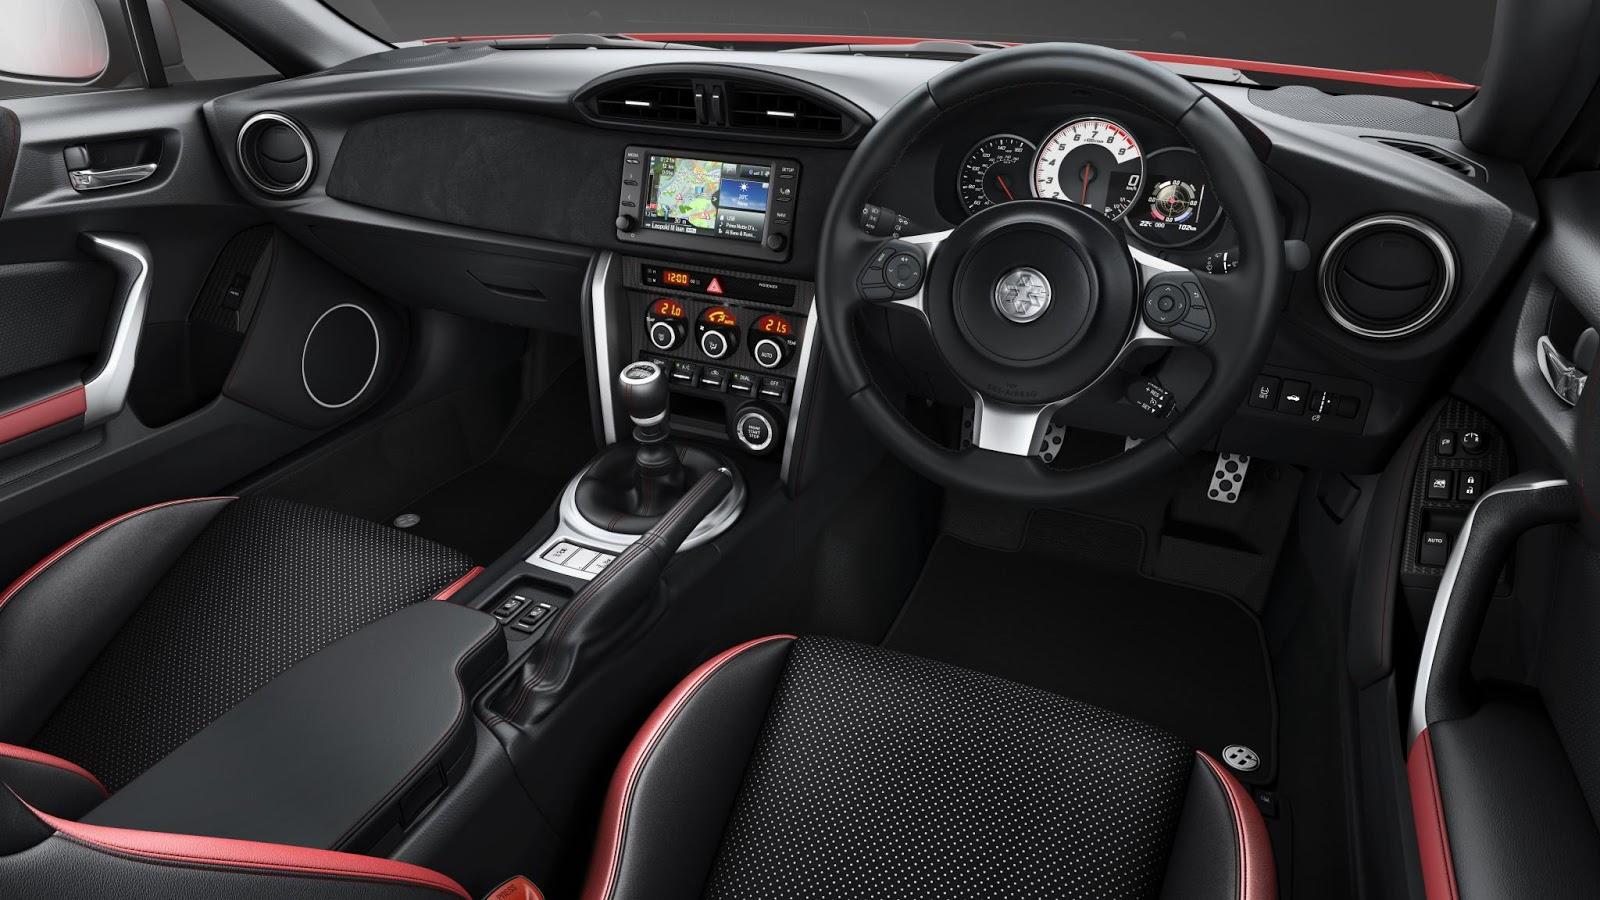 Nội thất của xe cũng rất đẹp và phong cách, khá thực dụng